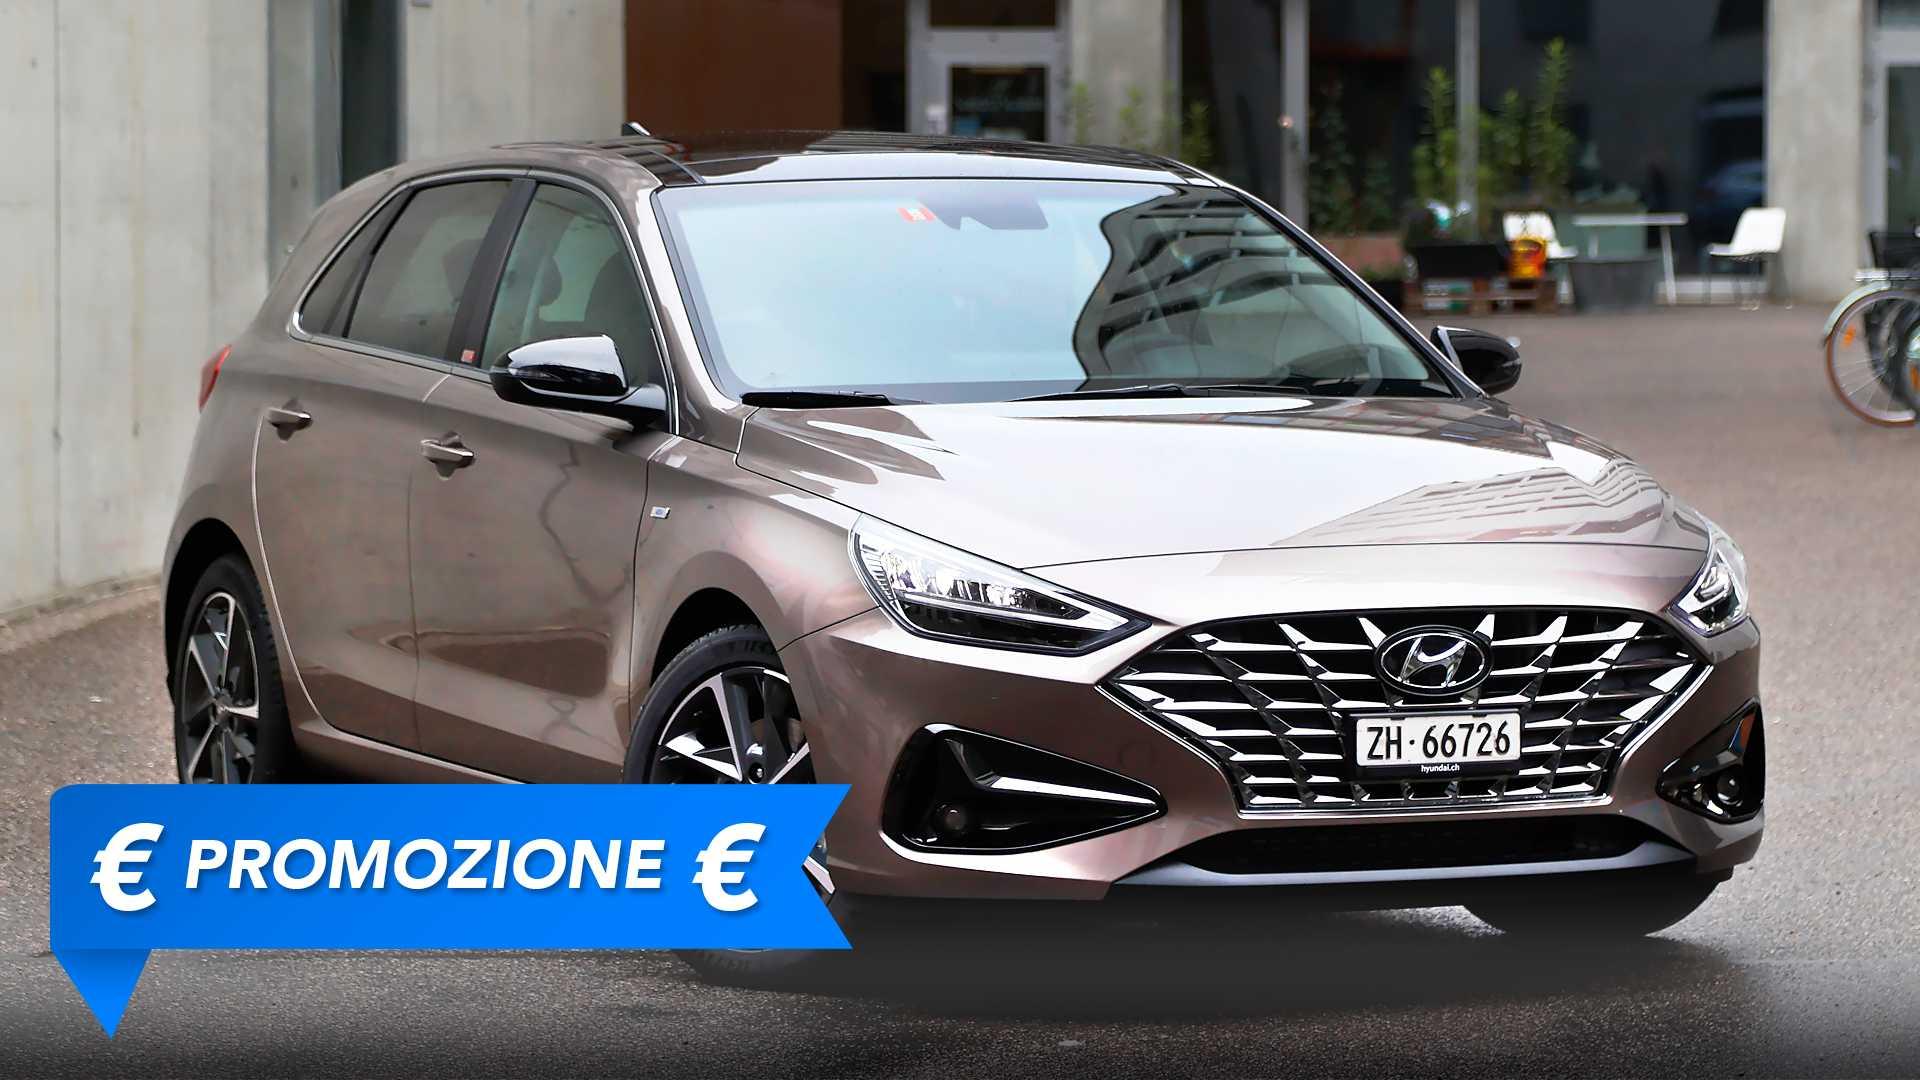 Promozione Hyundai i30 ibrida, perché conviene e perché no